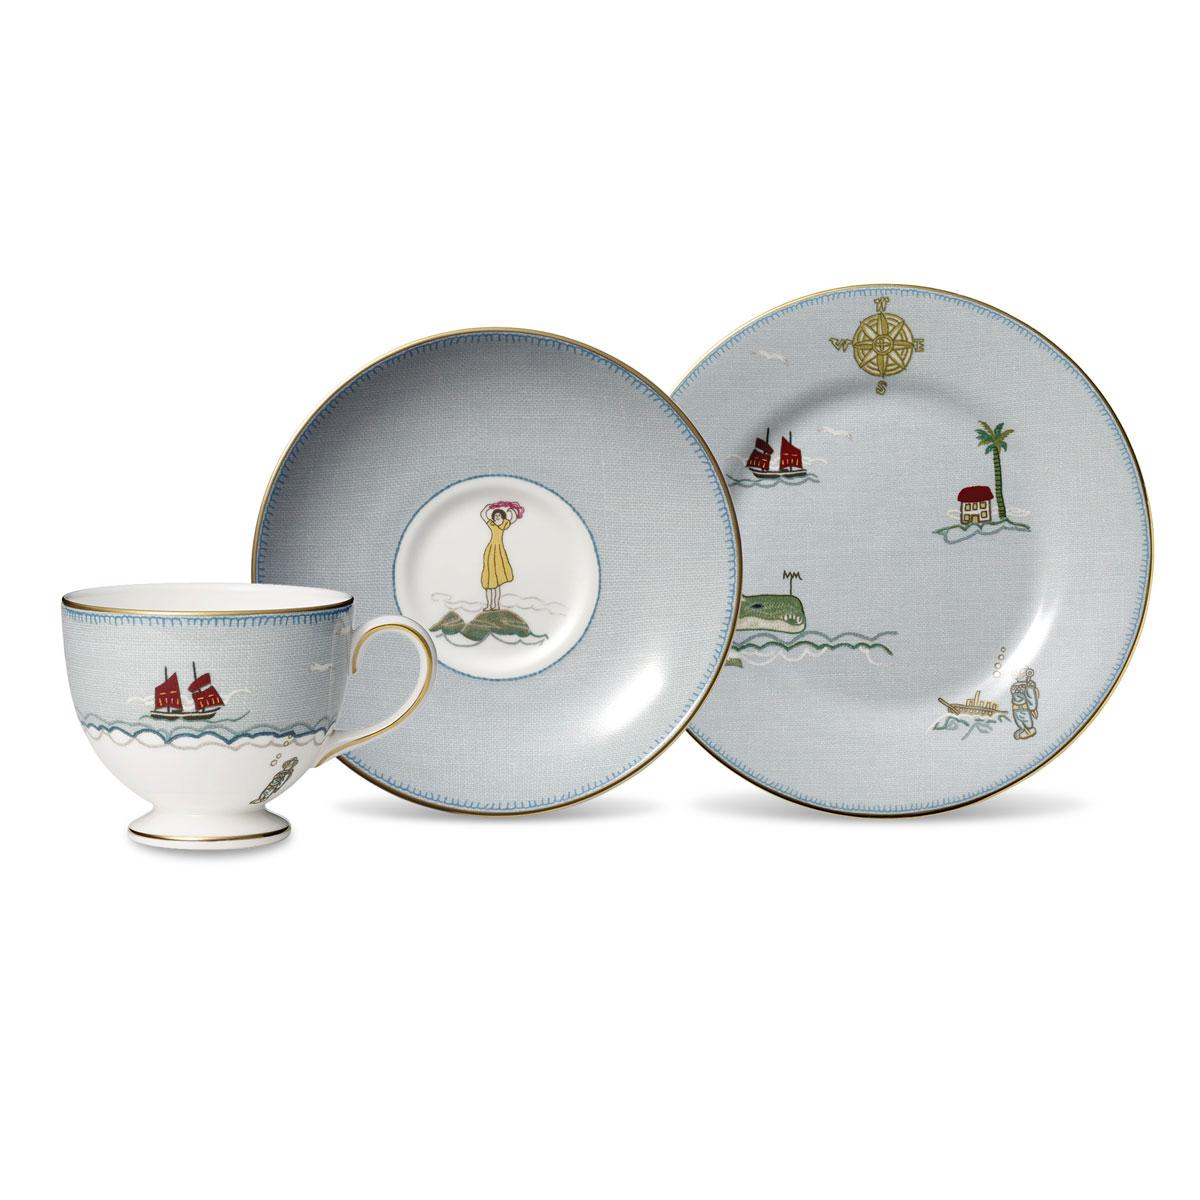 Wedgwood Sailors Farewell 3-Piece Tea Set, Teacup, Saucer and Salad Plate